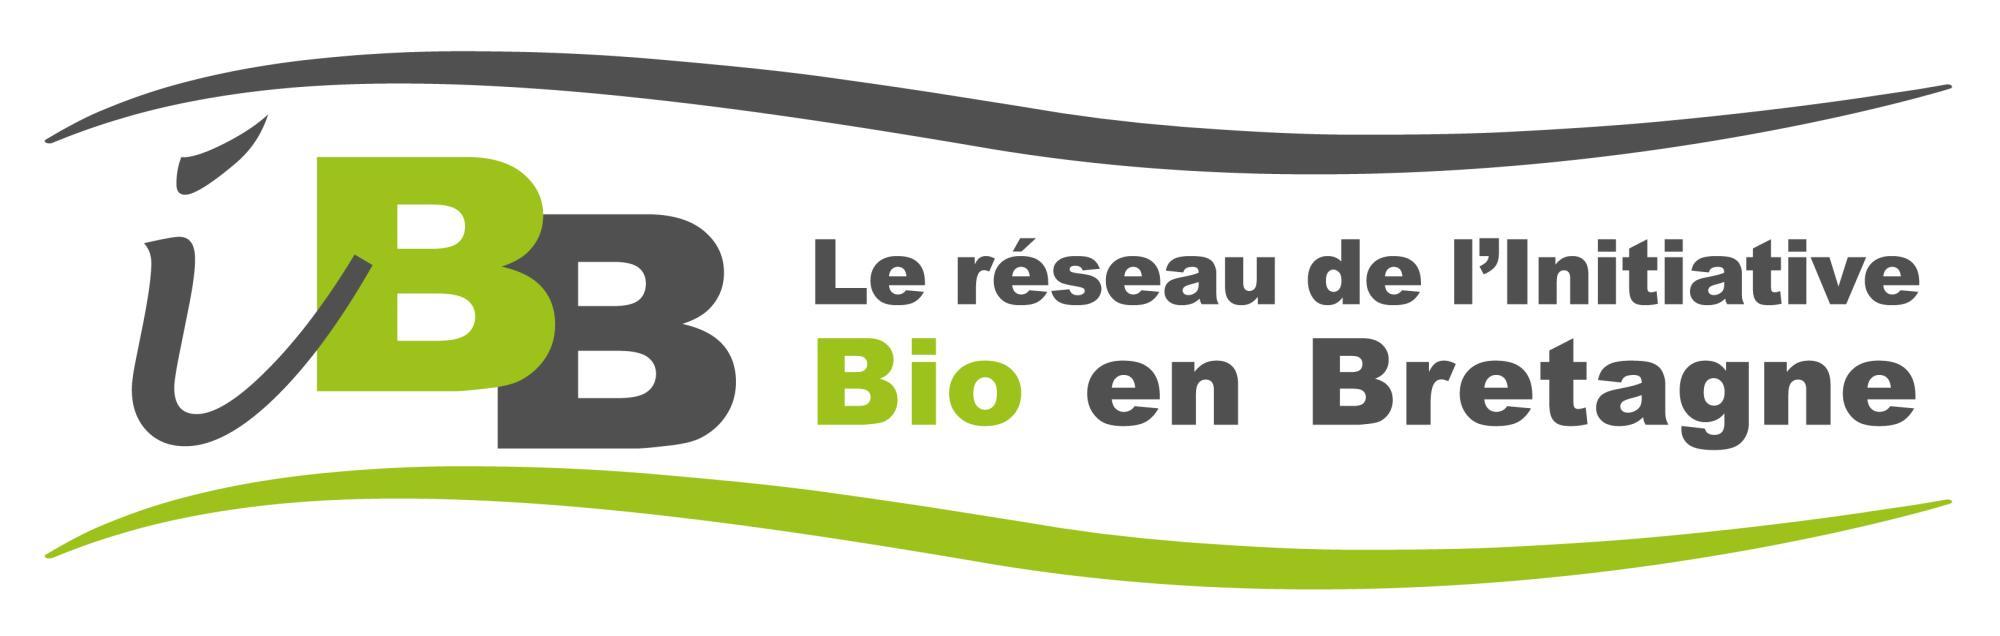 IBB-Logo-VertEtGrisFondBlanc-HD.jpg